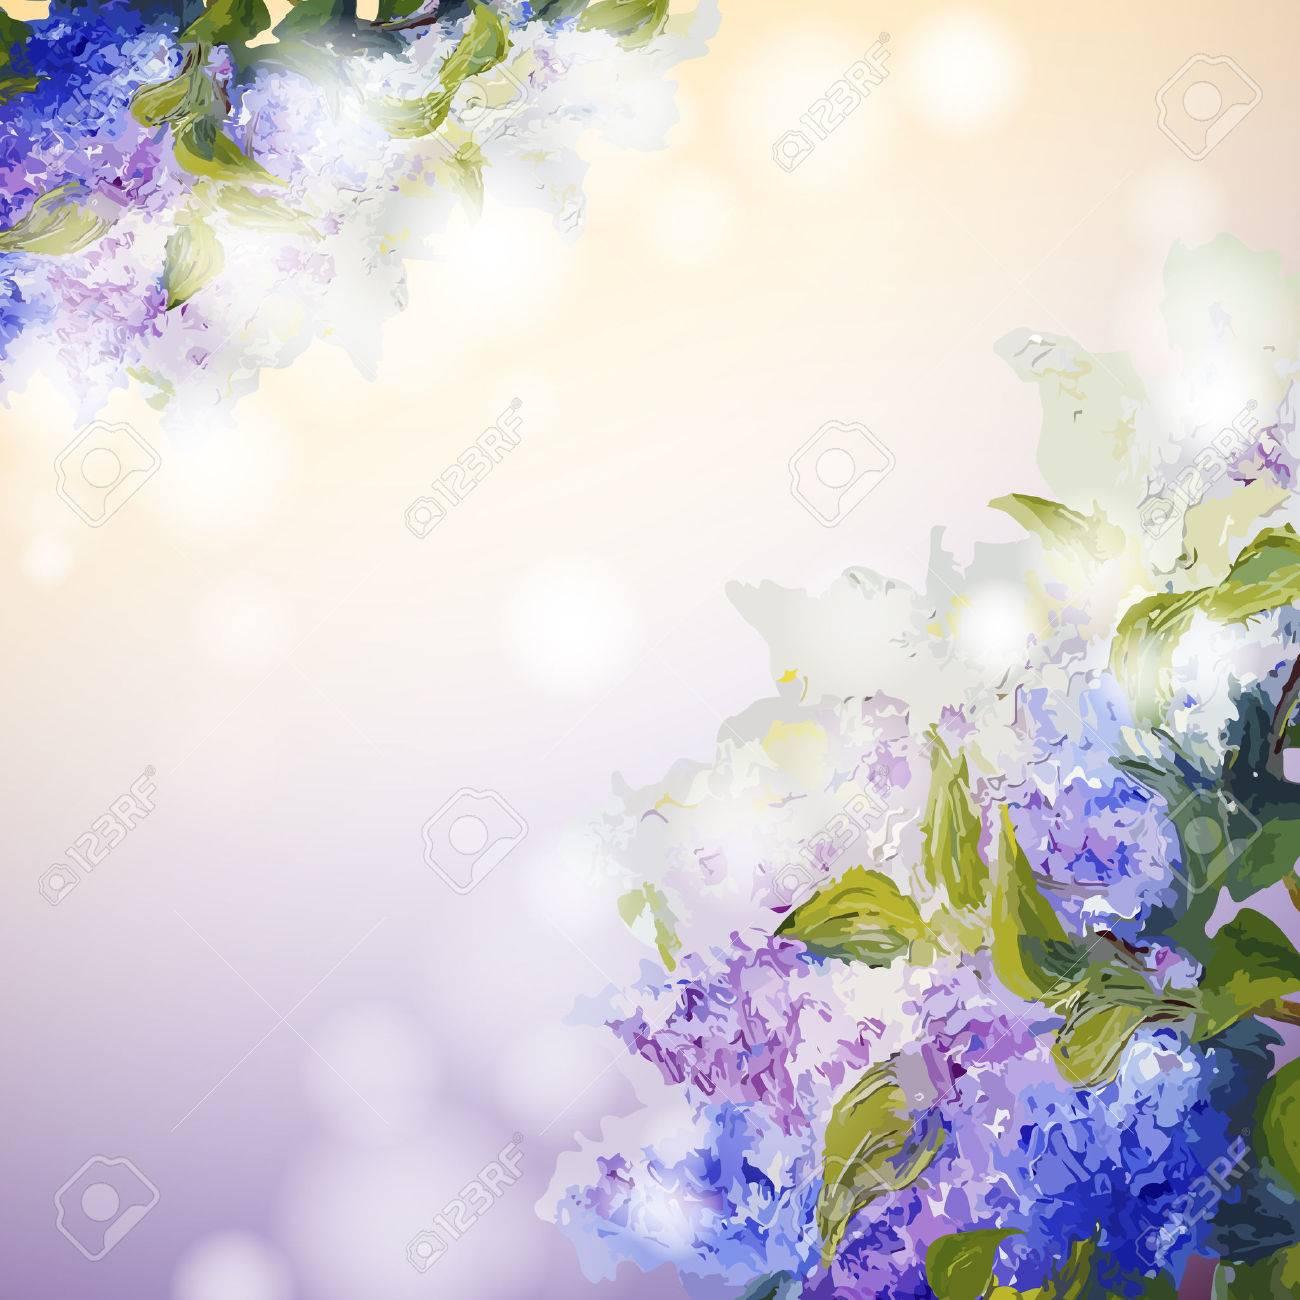 lila blumen hintergrund frhling blumen einladung vorlage karte lizenzfreie bilder with frhling vorlagen blumen